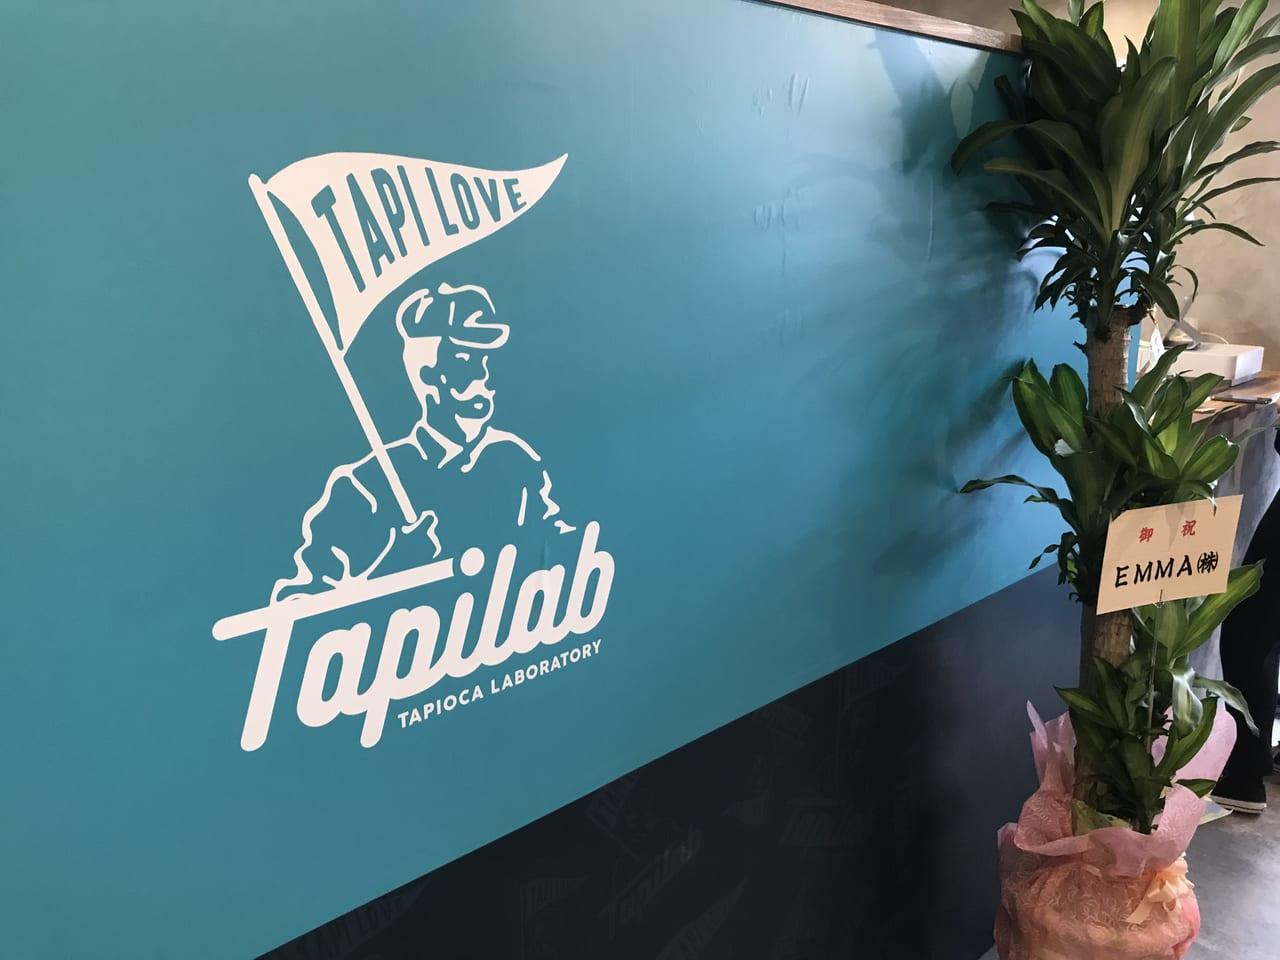 松本市Tapilab